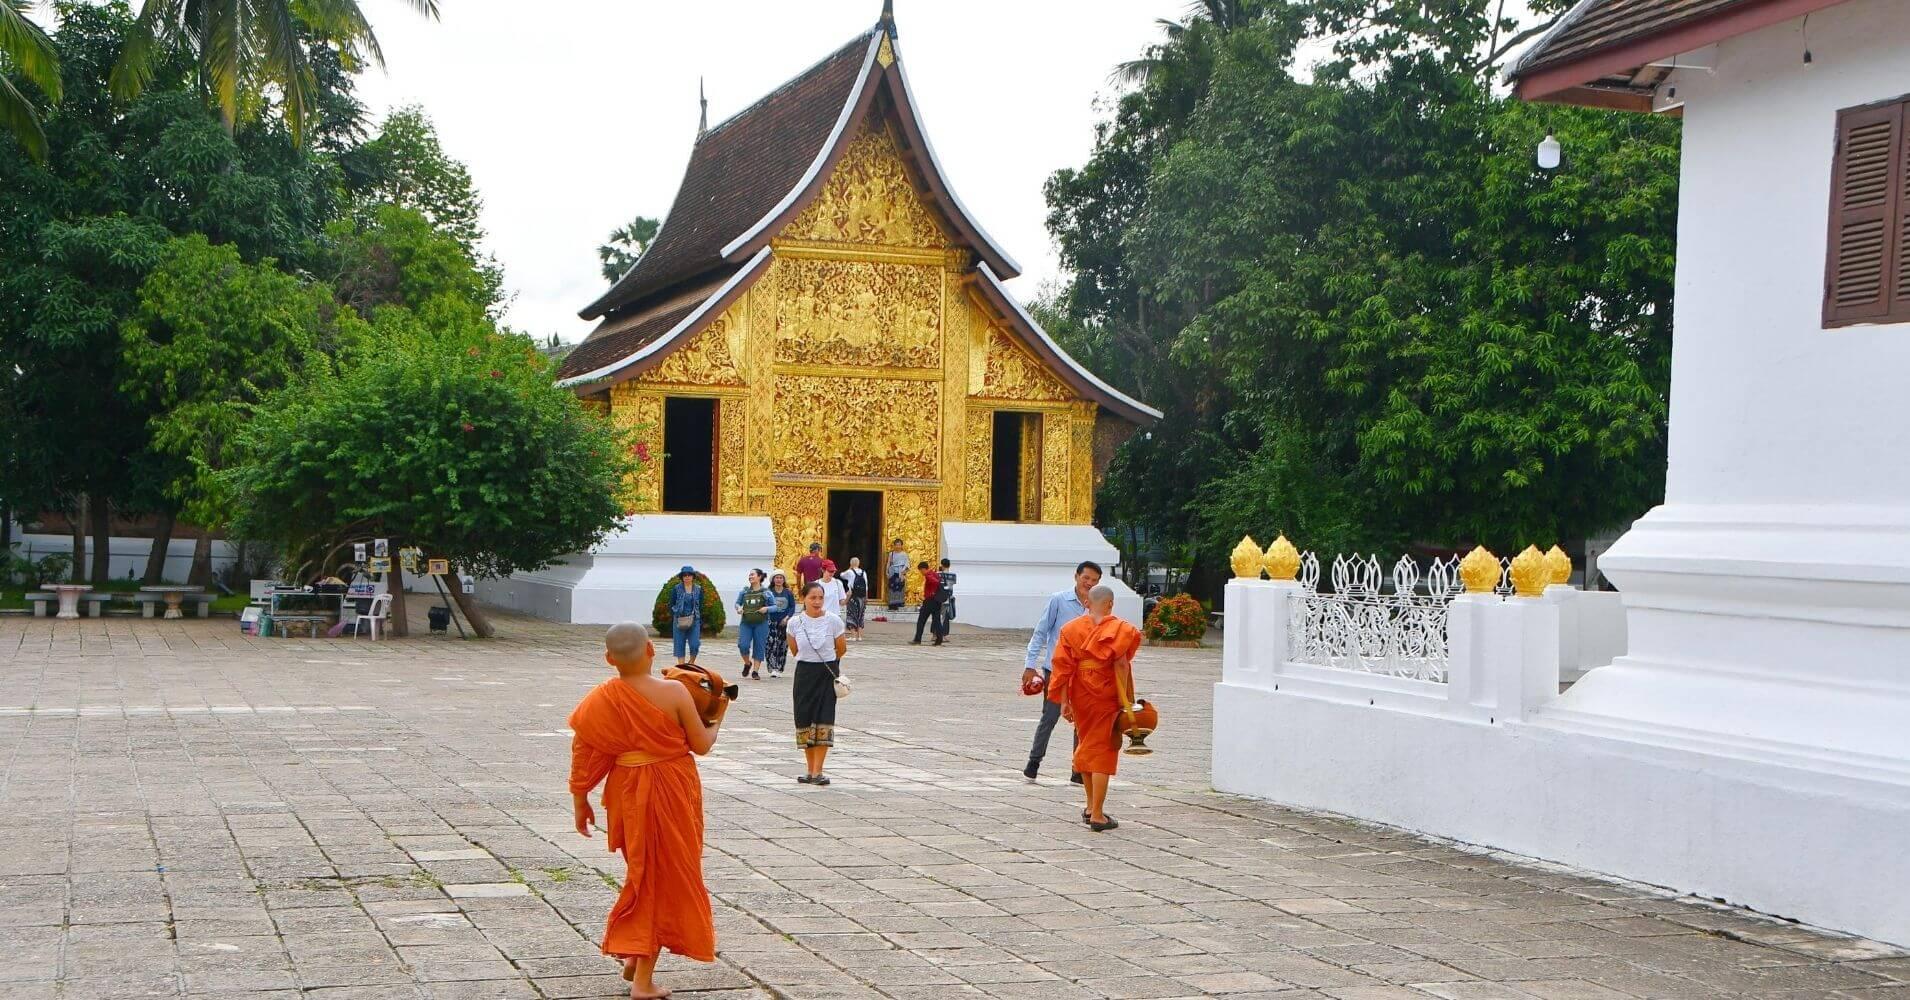 Monjes de los Templos de Luang Prabang.